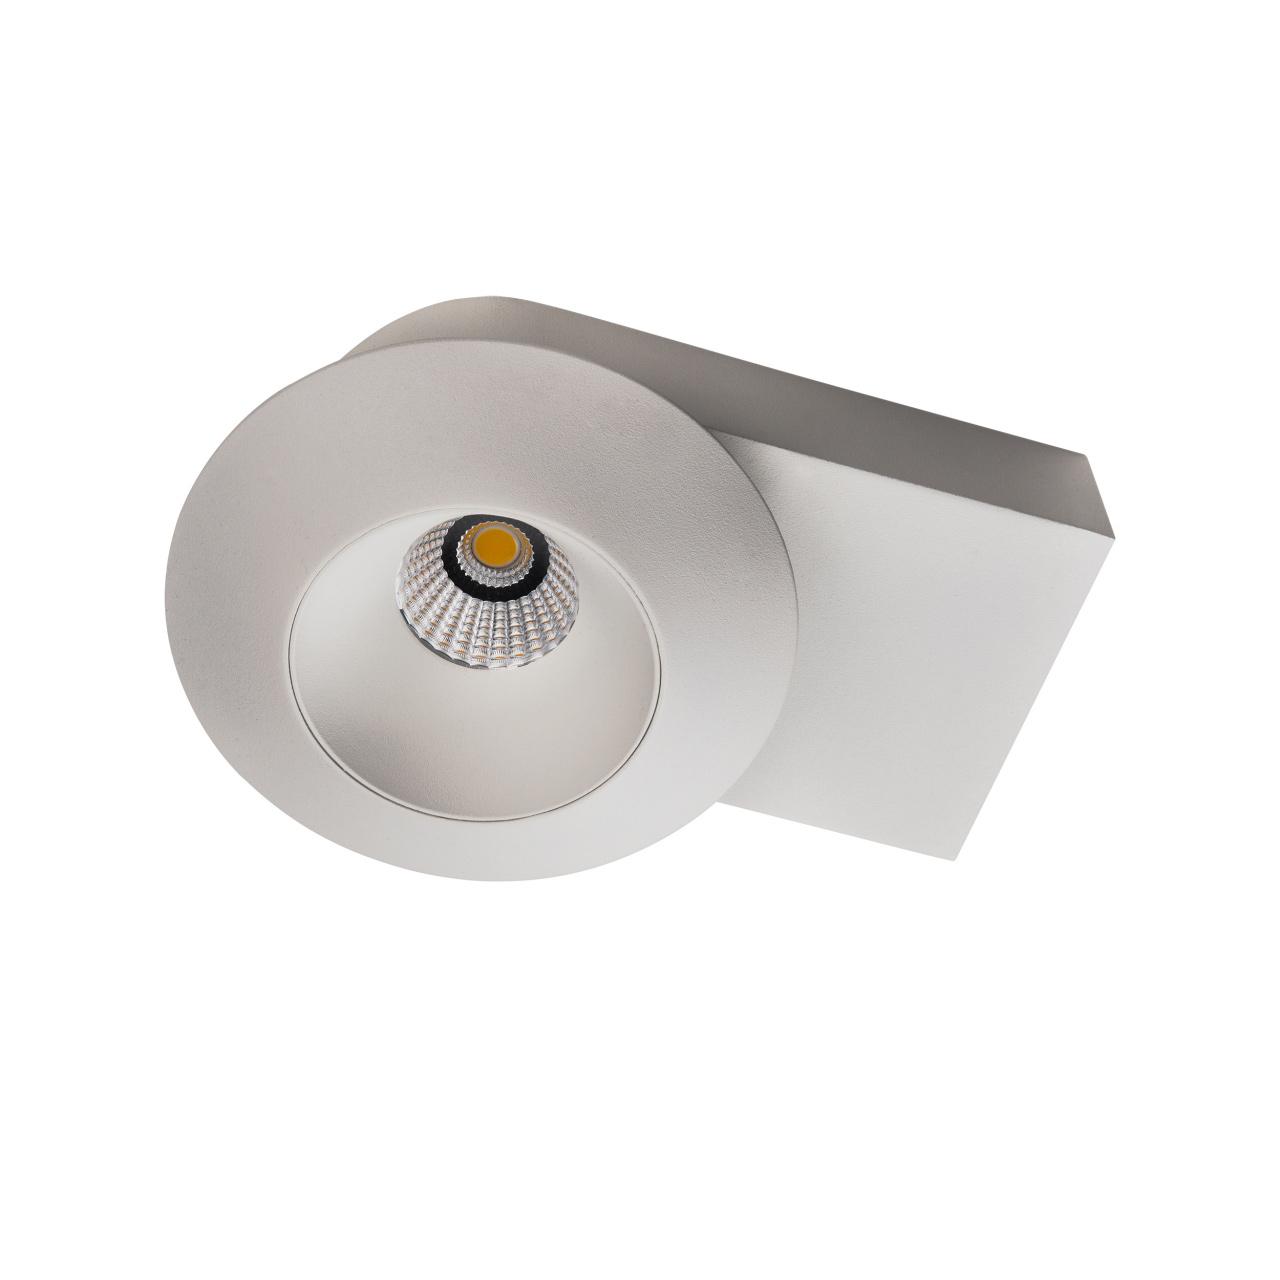 Светильник Orbe LED 15W 1240LM 60G белый 4000K Lightstar 051216